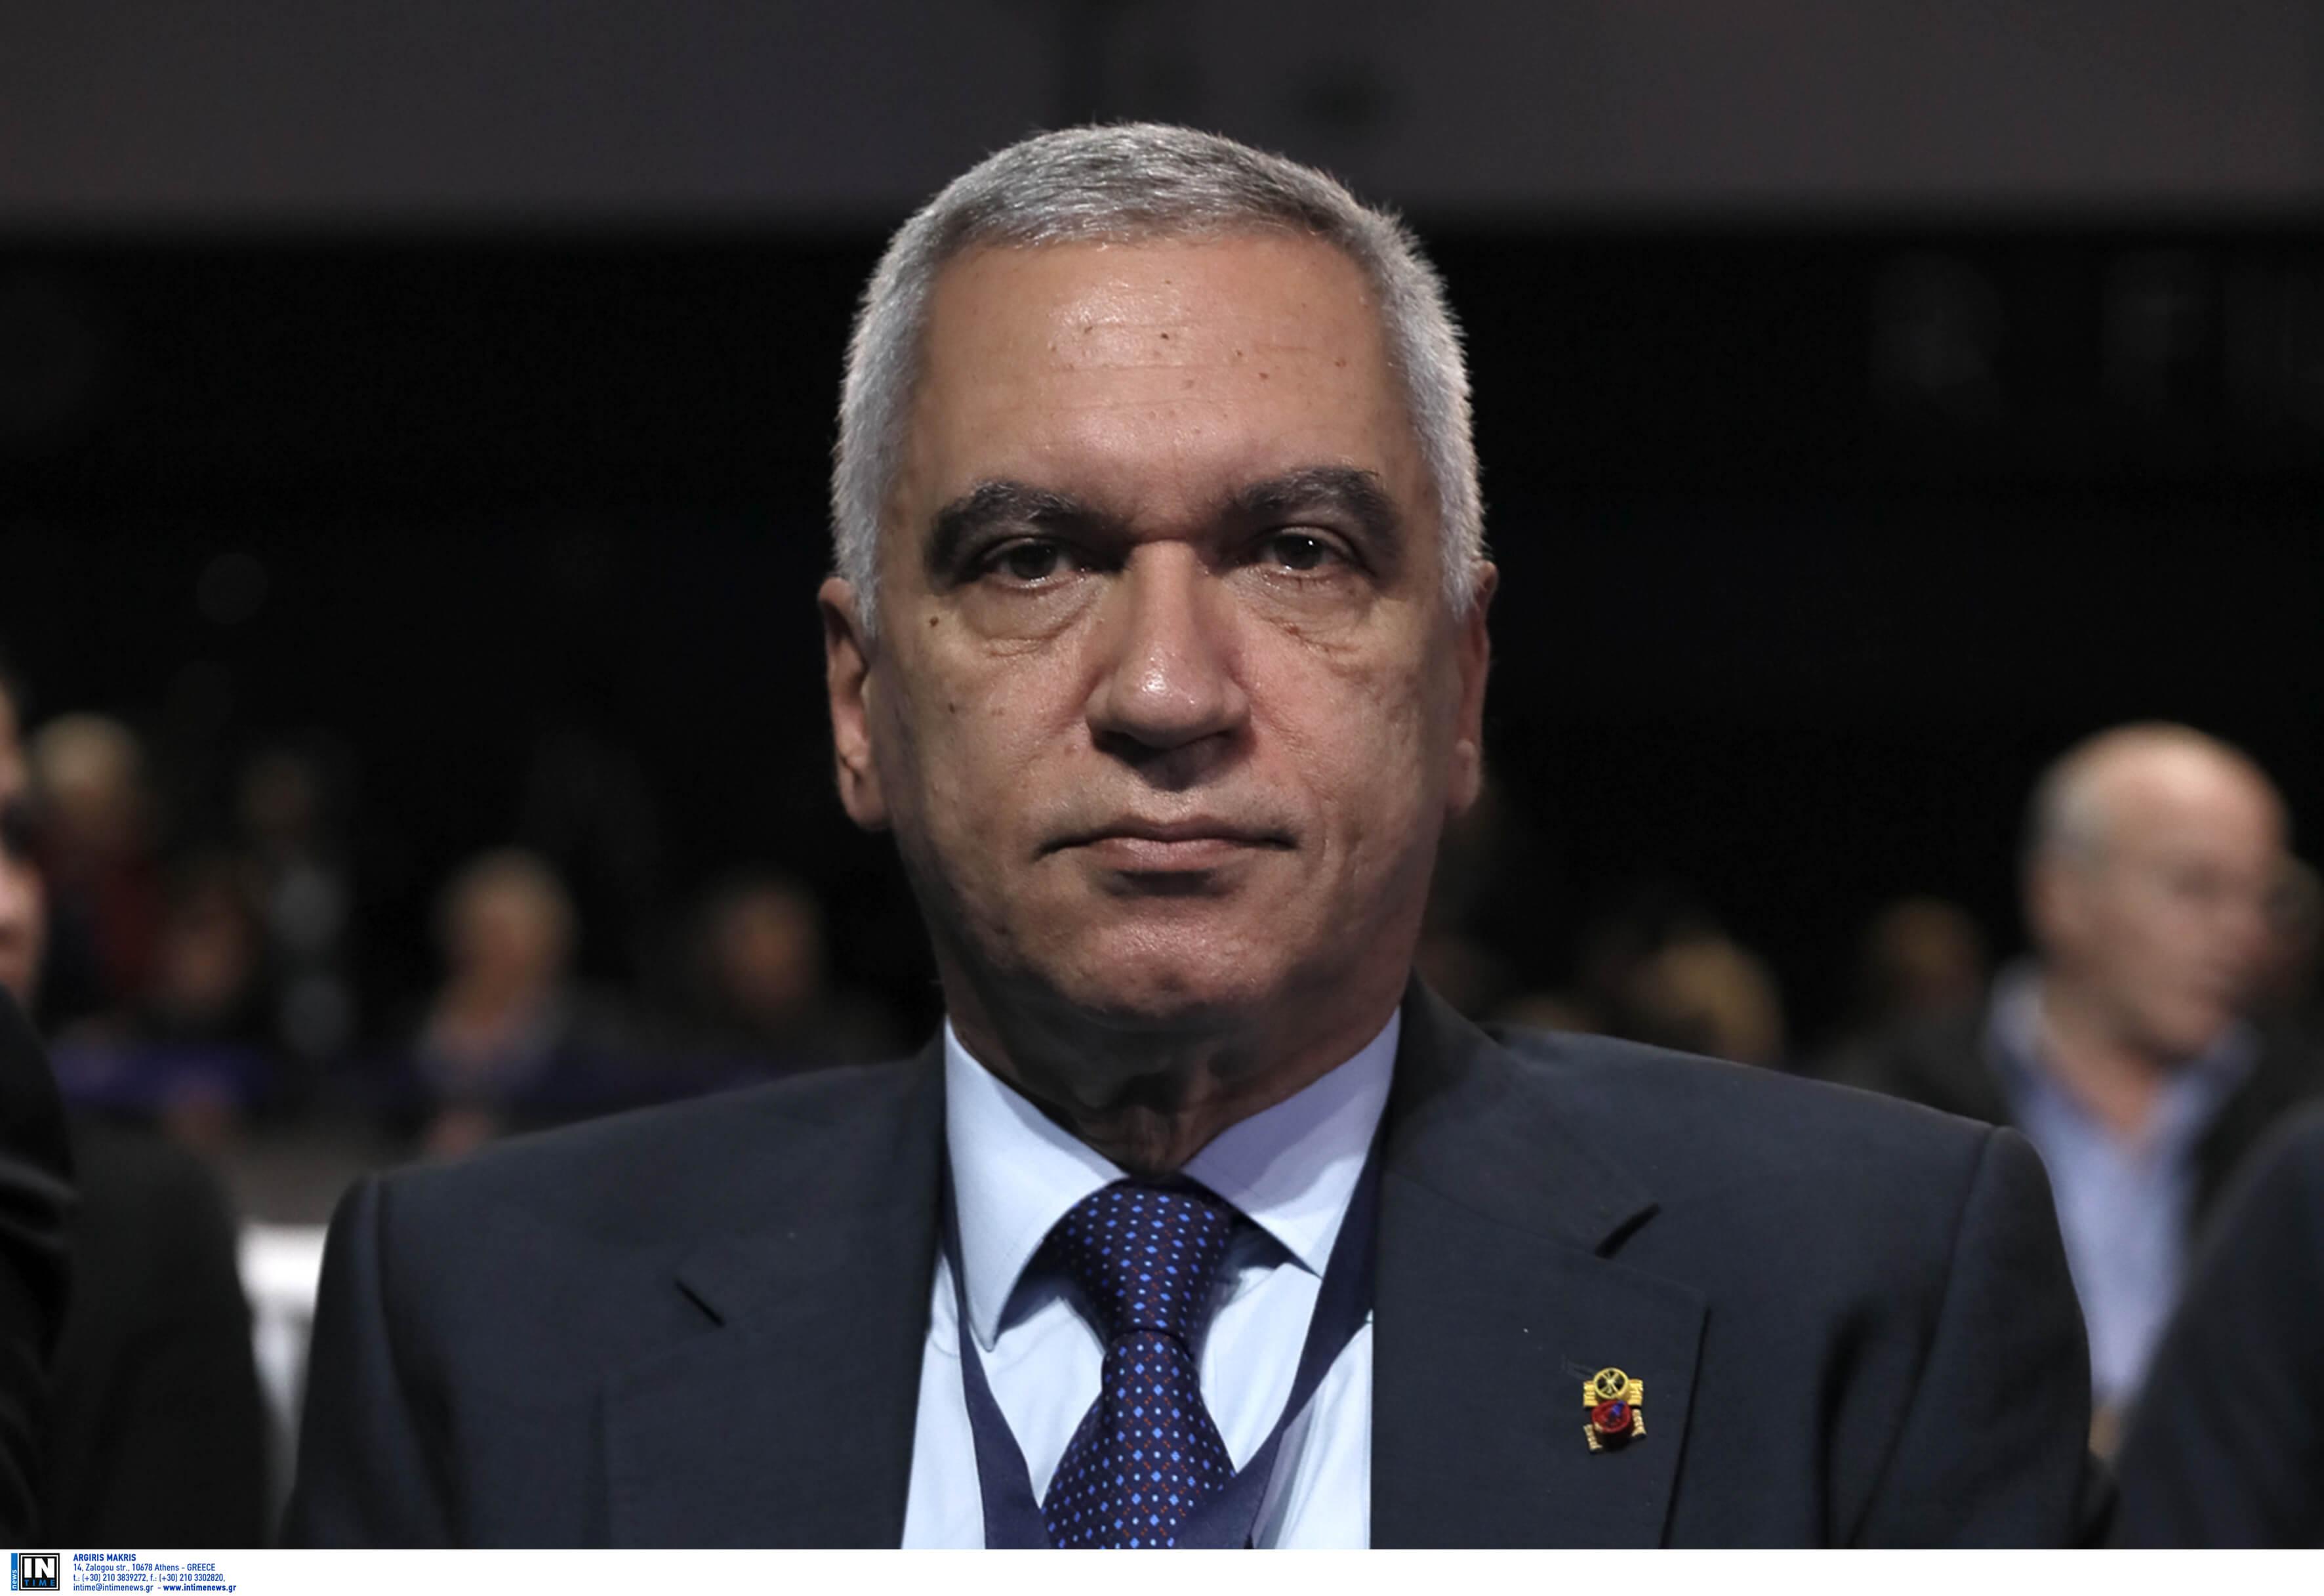 Φημολογία για υπουργοποίηση του Στρατηγού Κωσταράκου – Τι λέει ο ίδιος